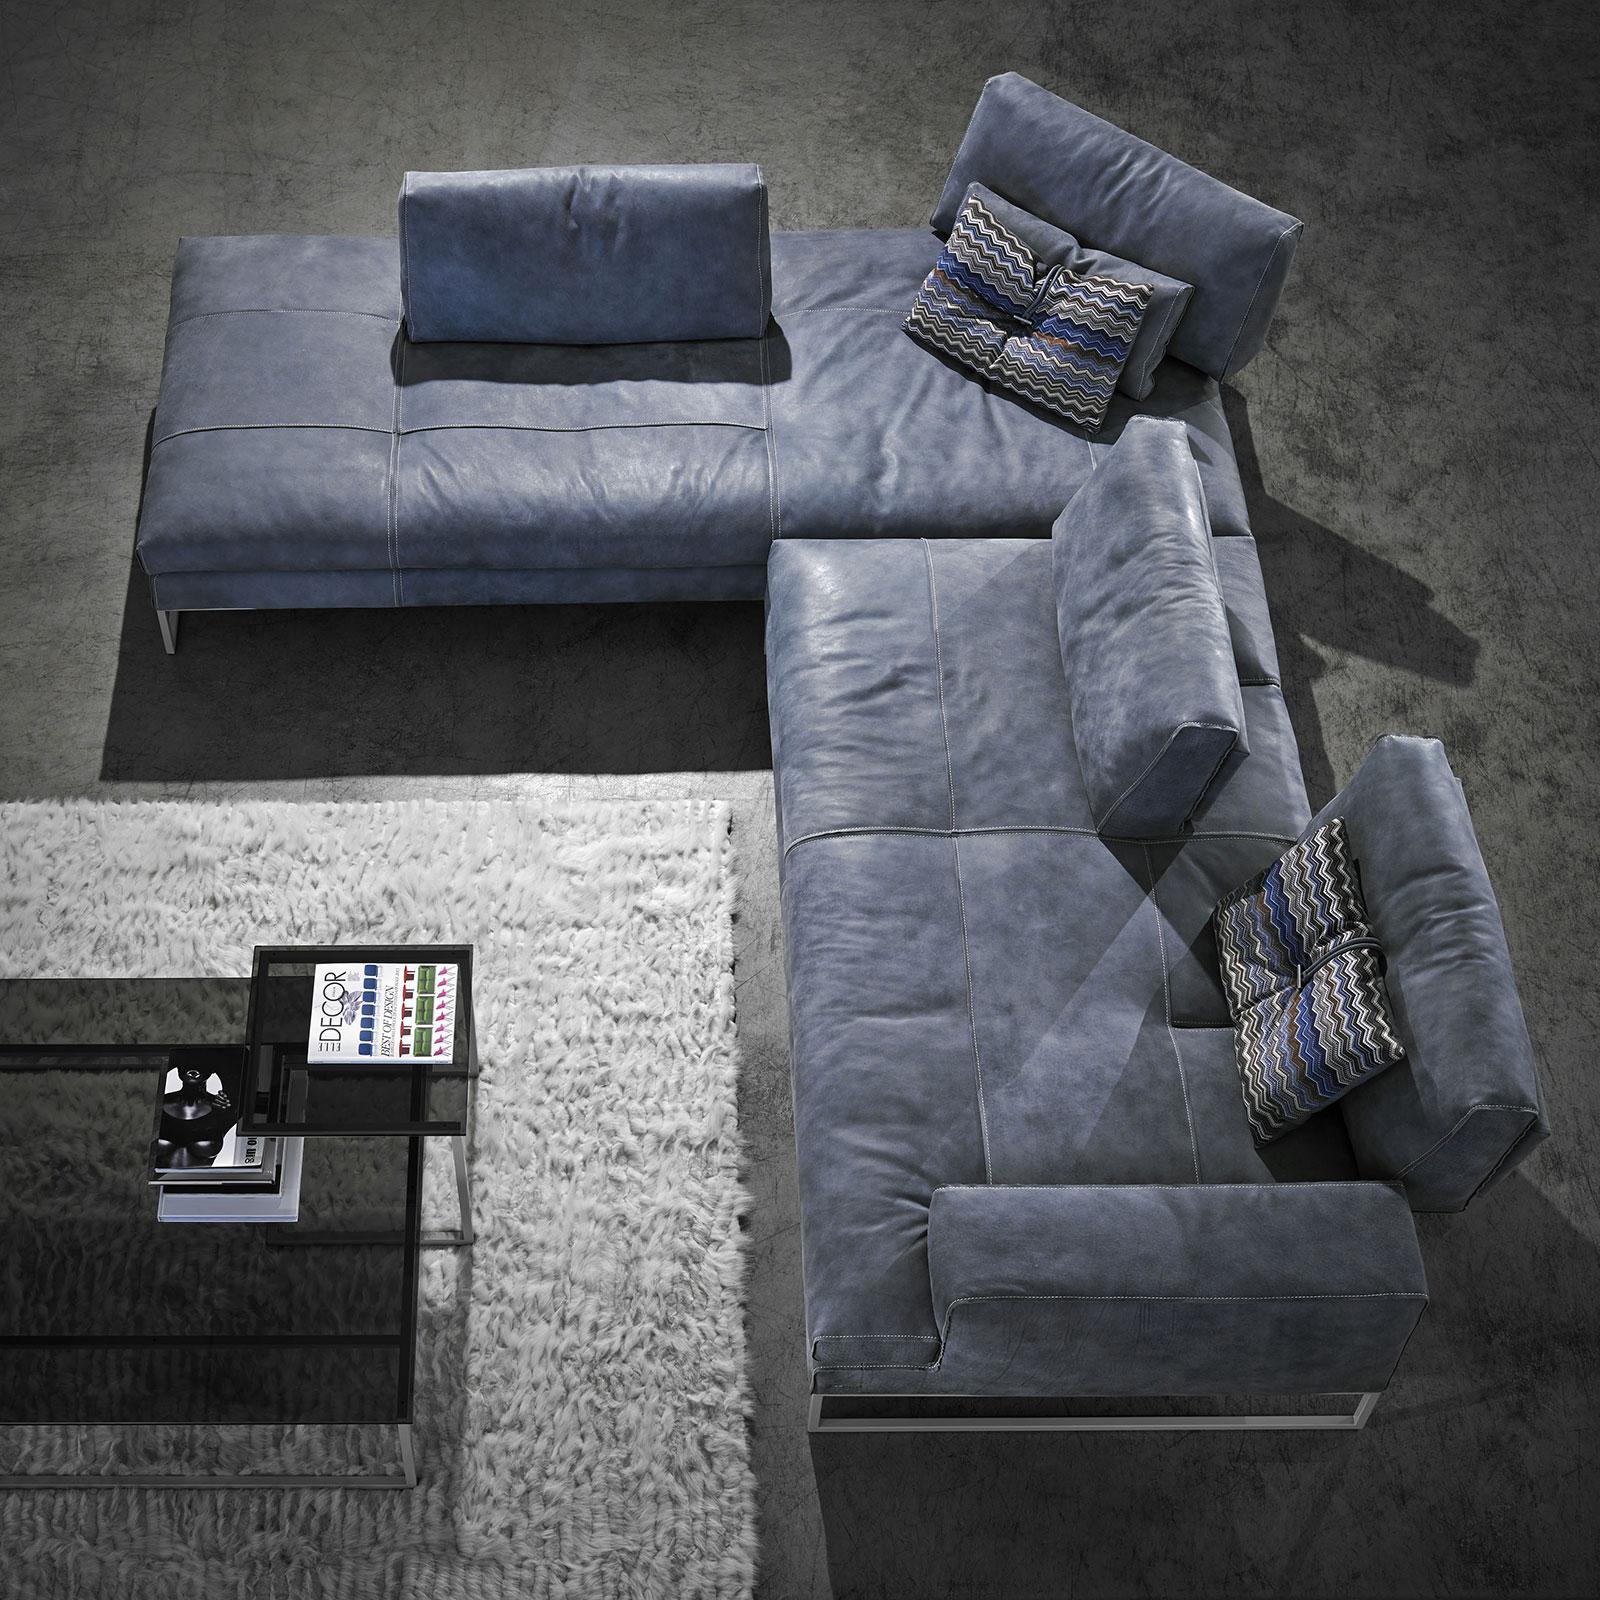 Taline divano angolare - Italy Dream Design